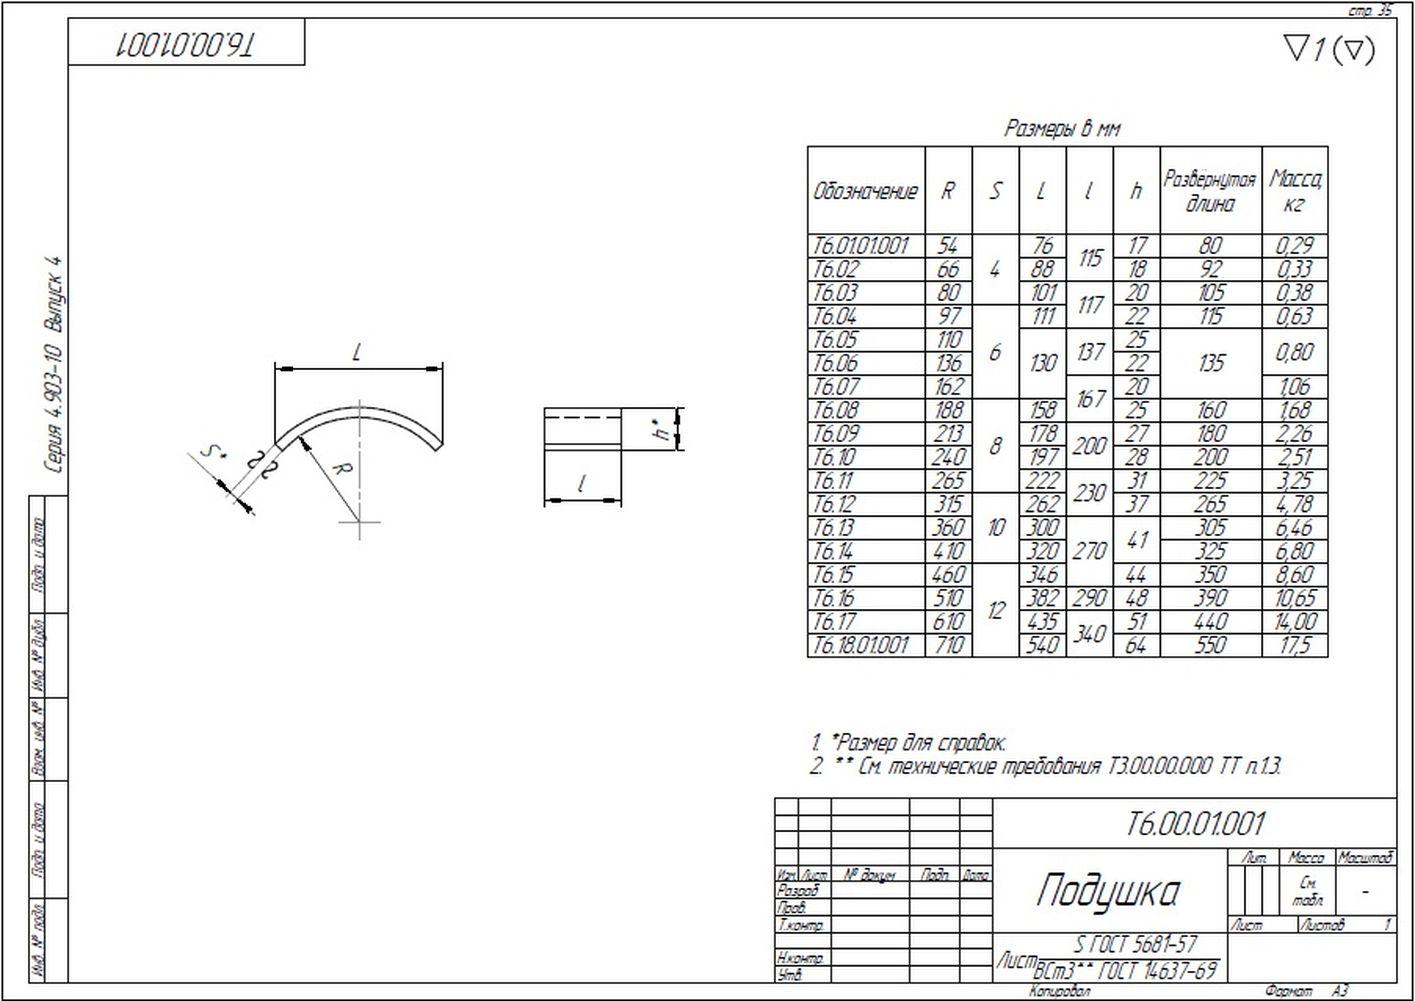 Опора неподвижная лобовая двухупорная усиленная Т6 серия 4.903-10 вып.4 стр.11